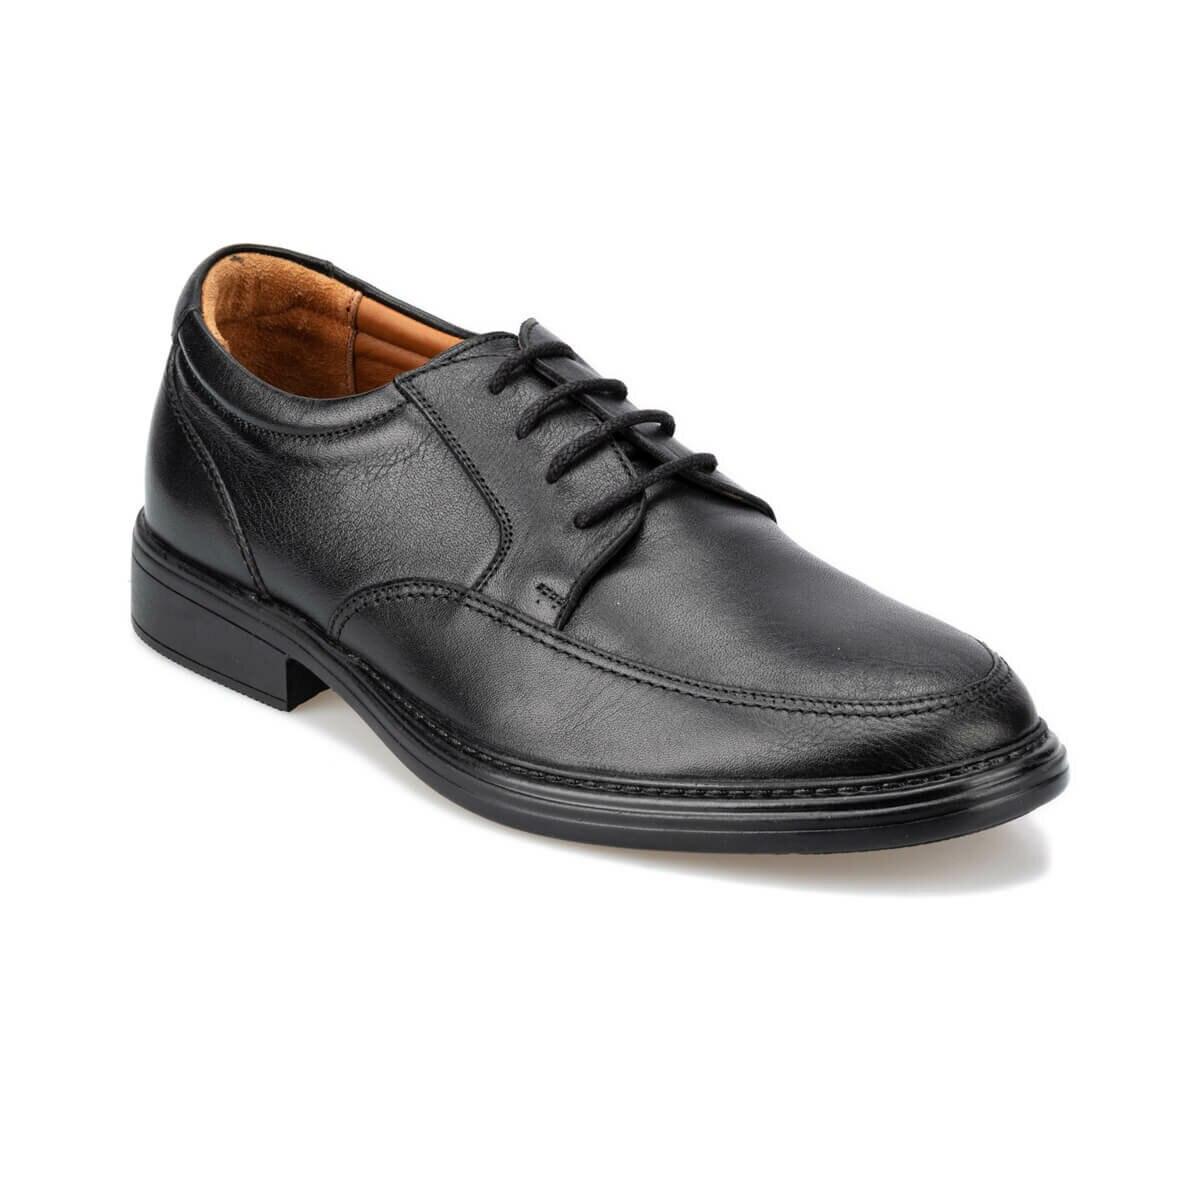 FLO 92.100883.M Black Male Shoes Polaris 5 Point